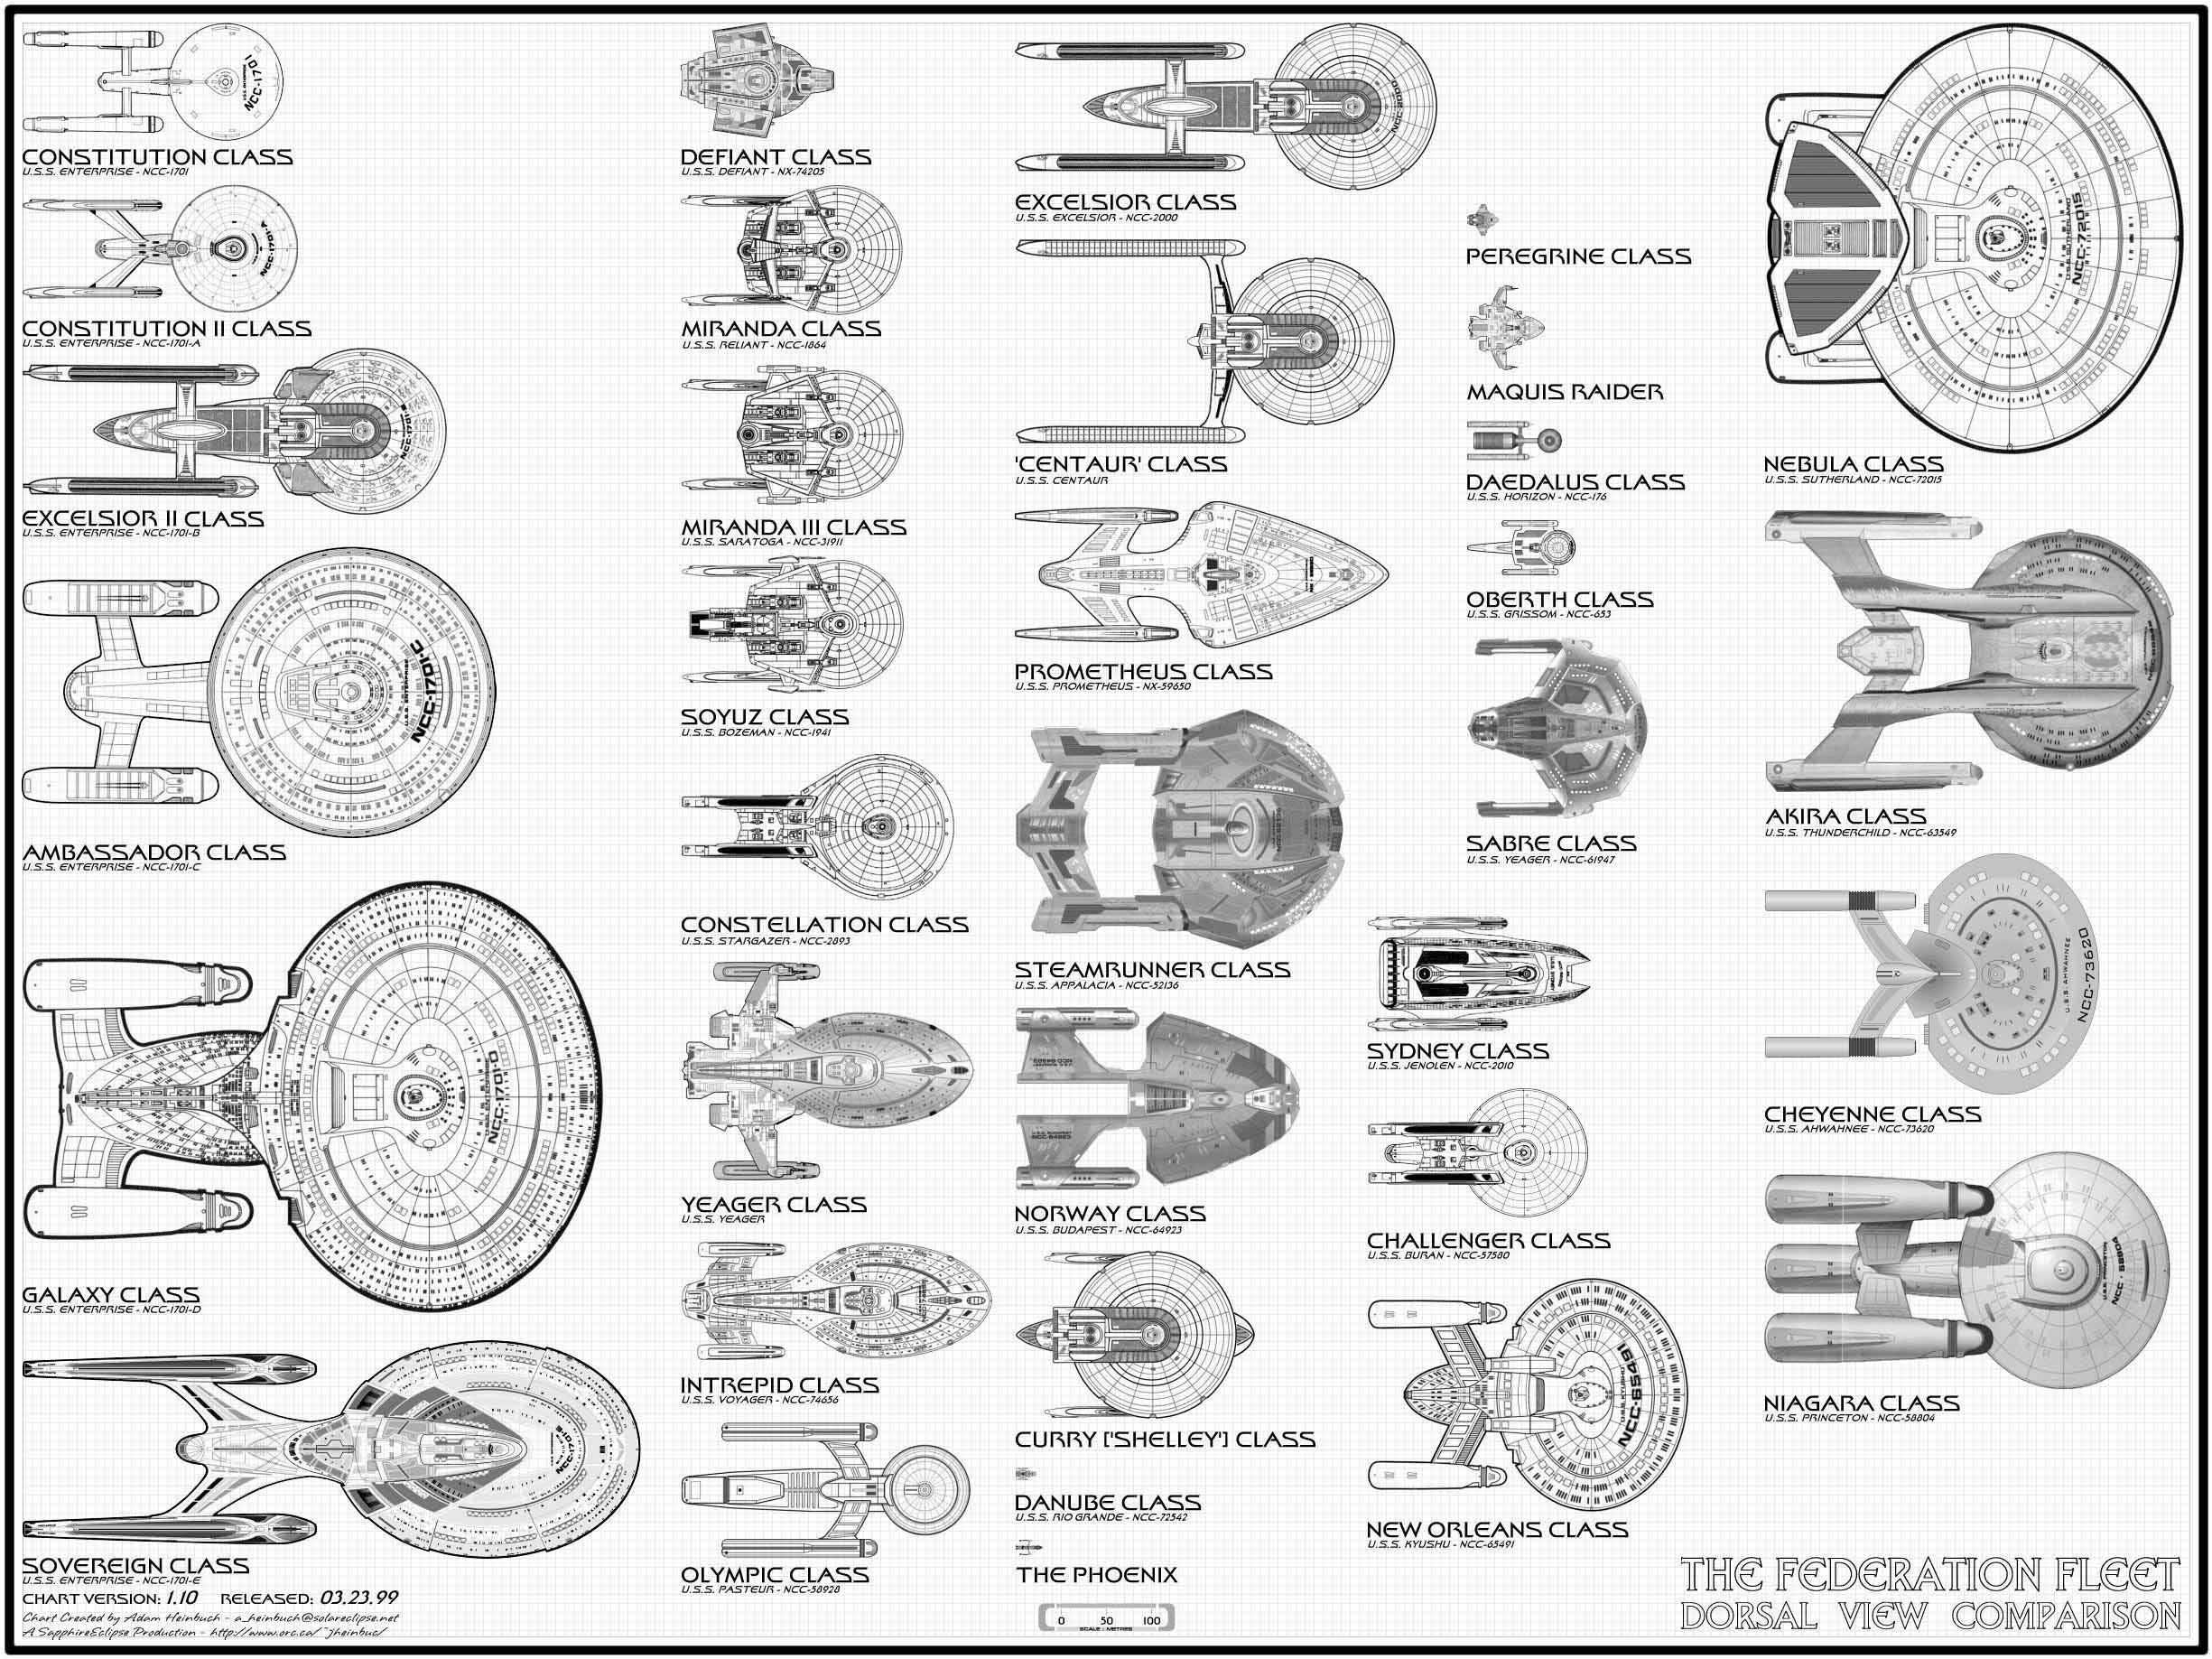 StarfleetTop